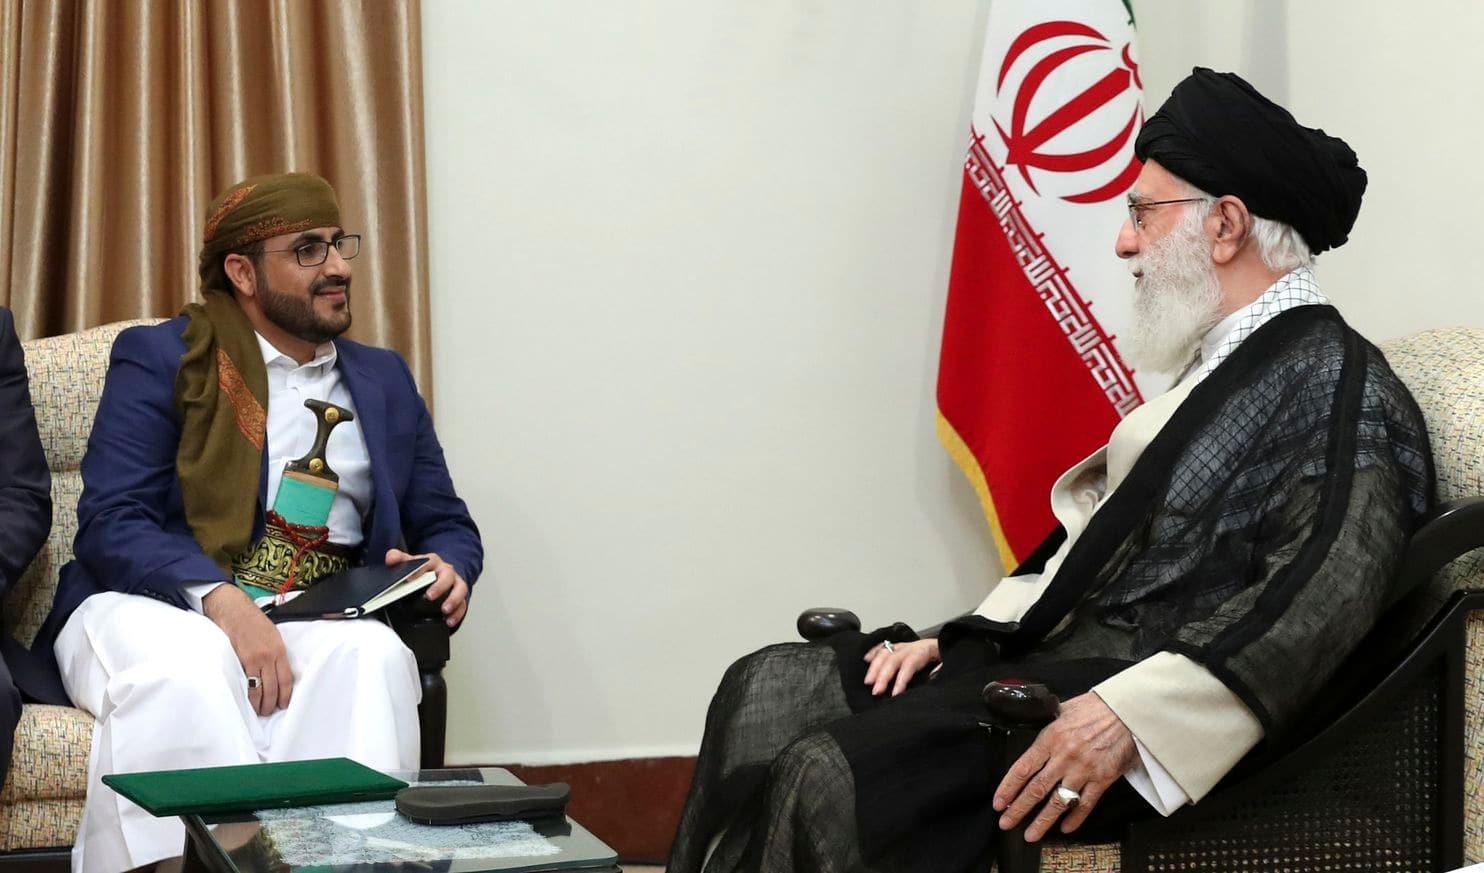 Iran supreme leader urges support for Yemen's Houthi rebels